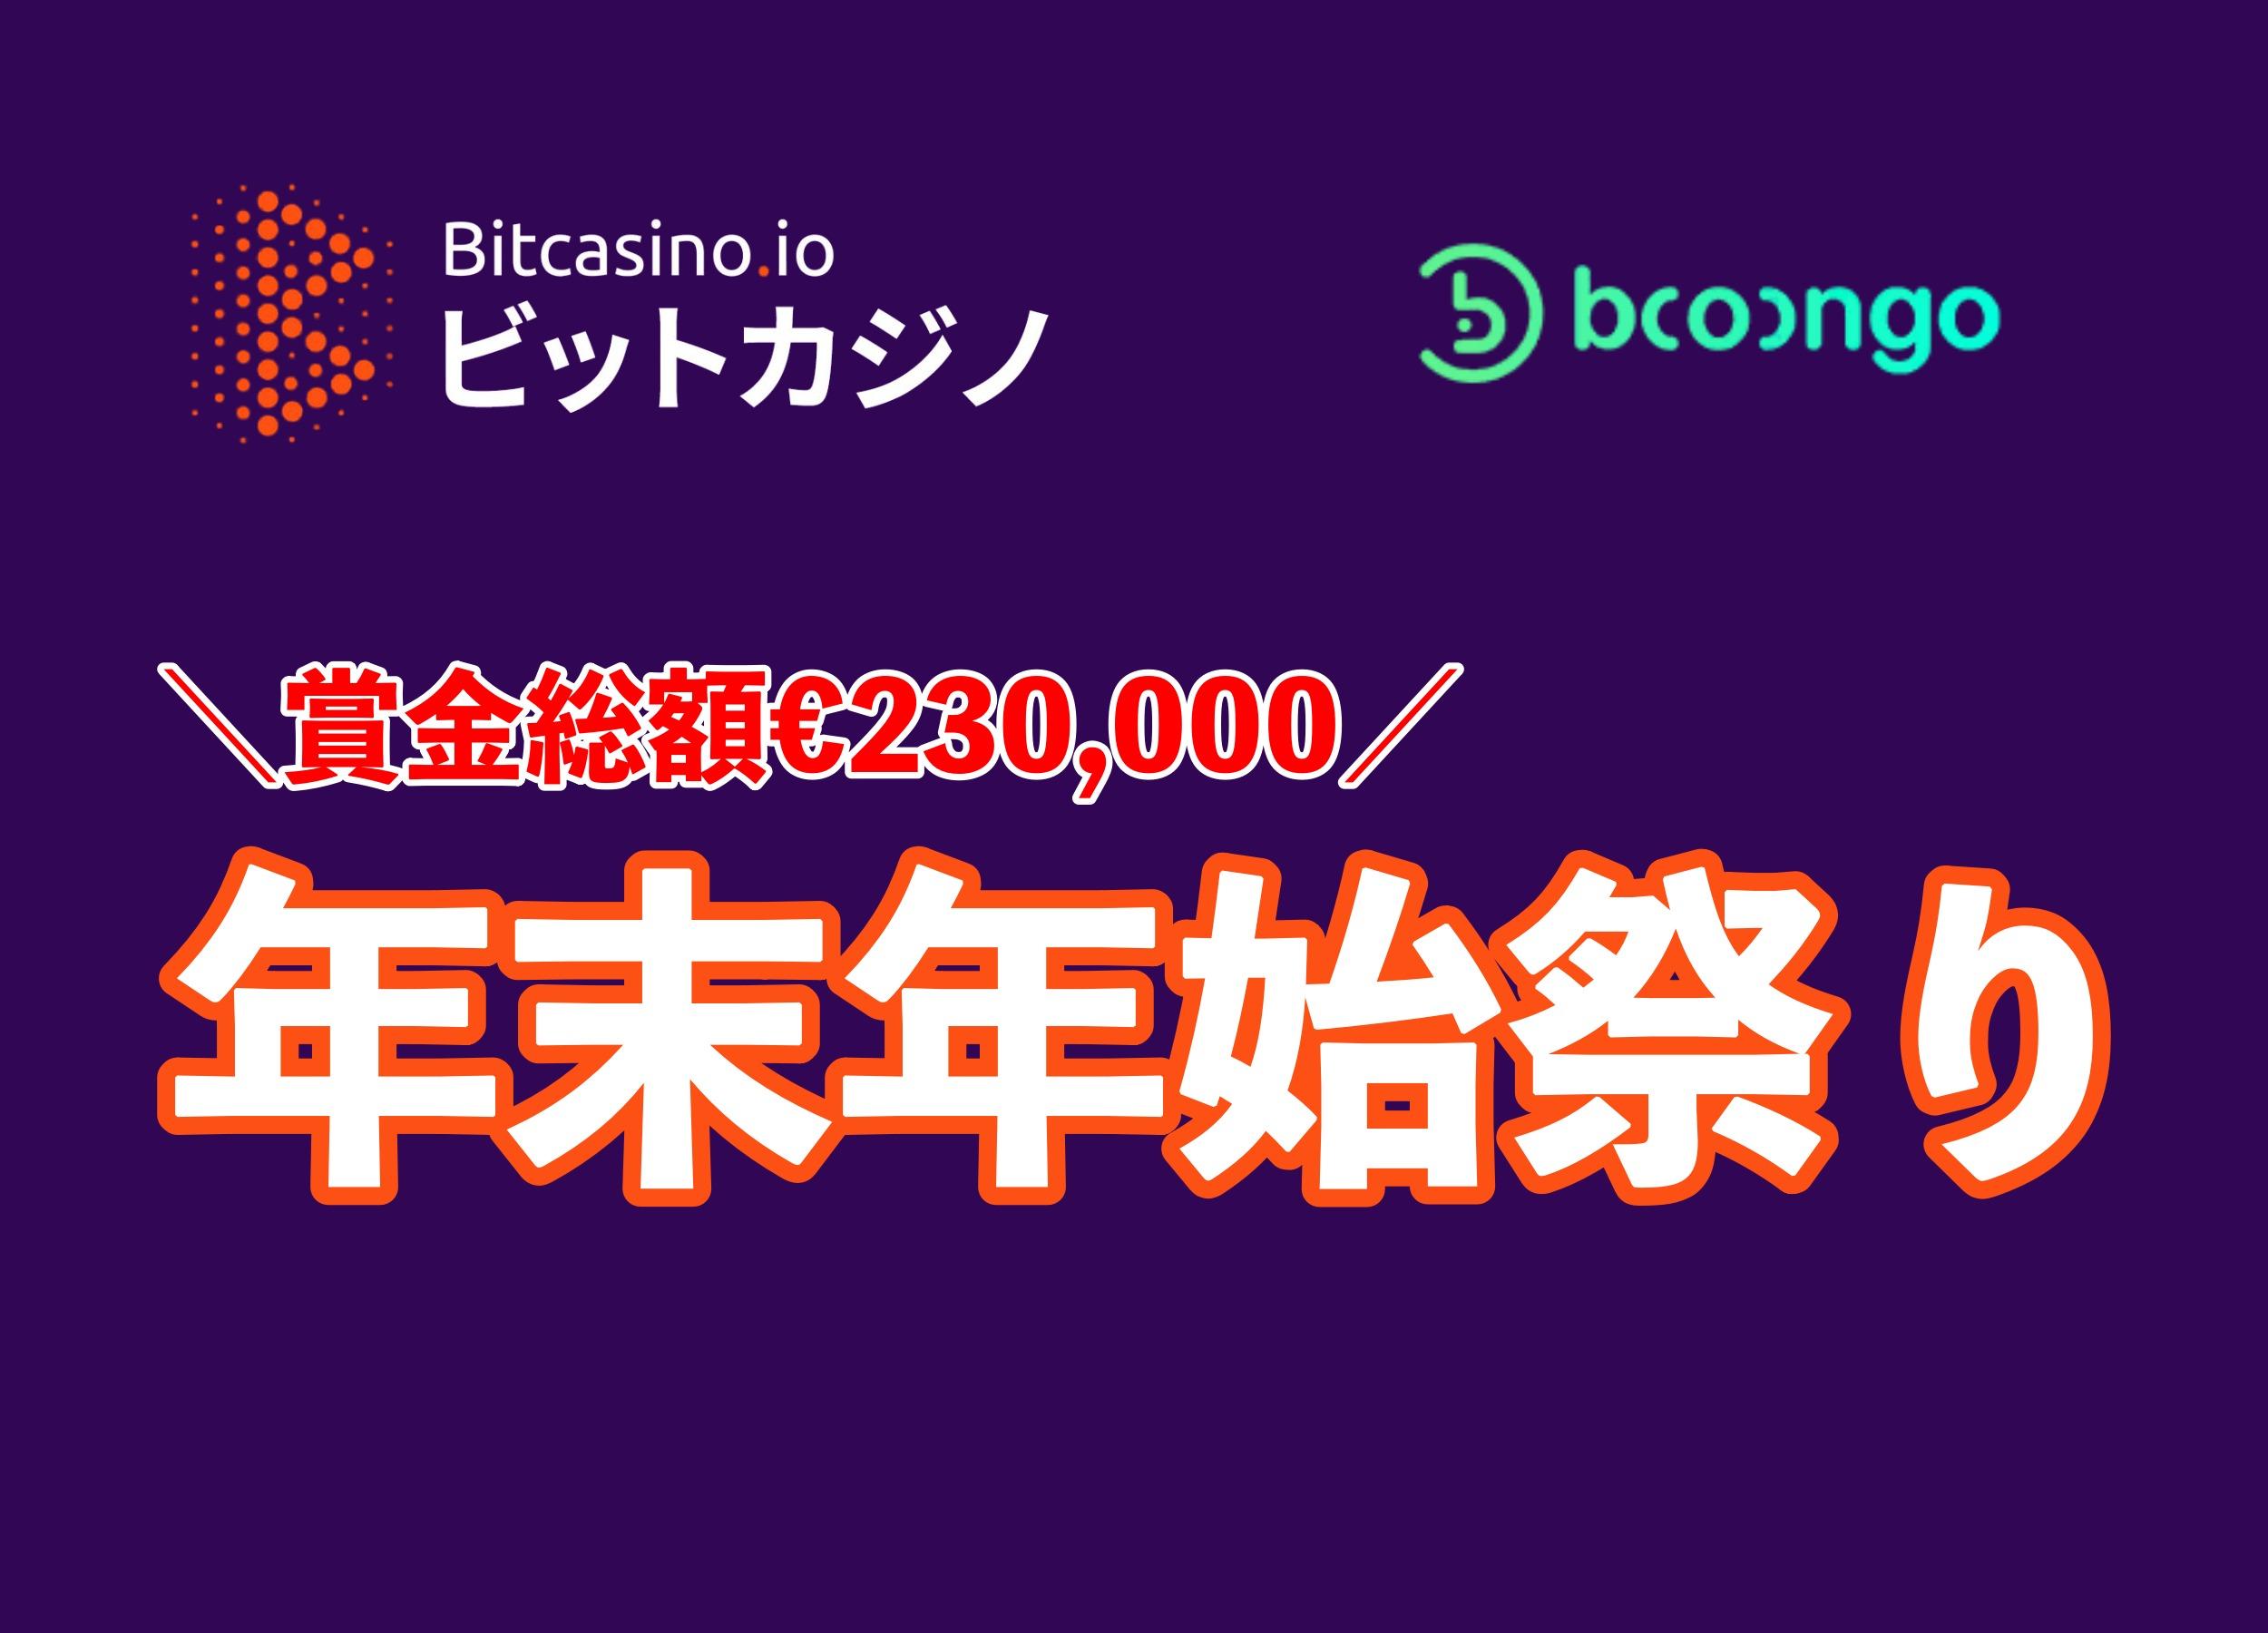 【残り3週】ビットカジノでBooongo主催の年末年始祭りが開催中!